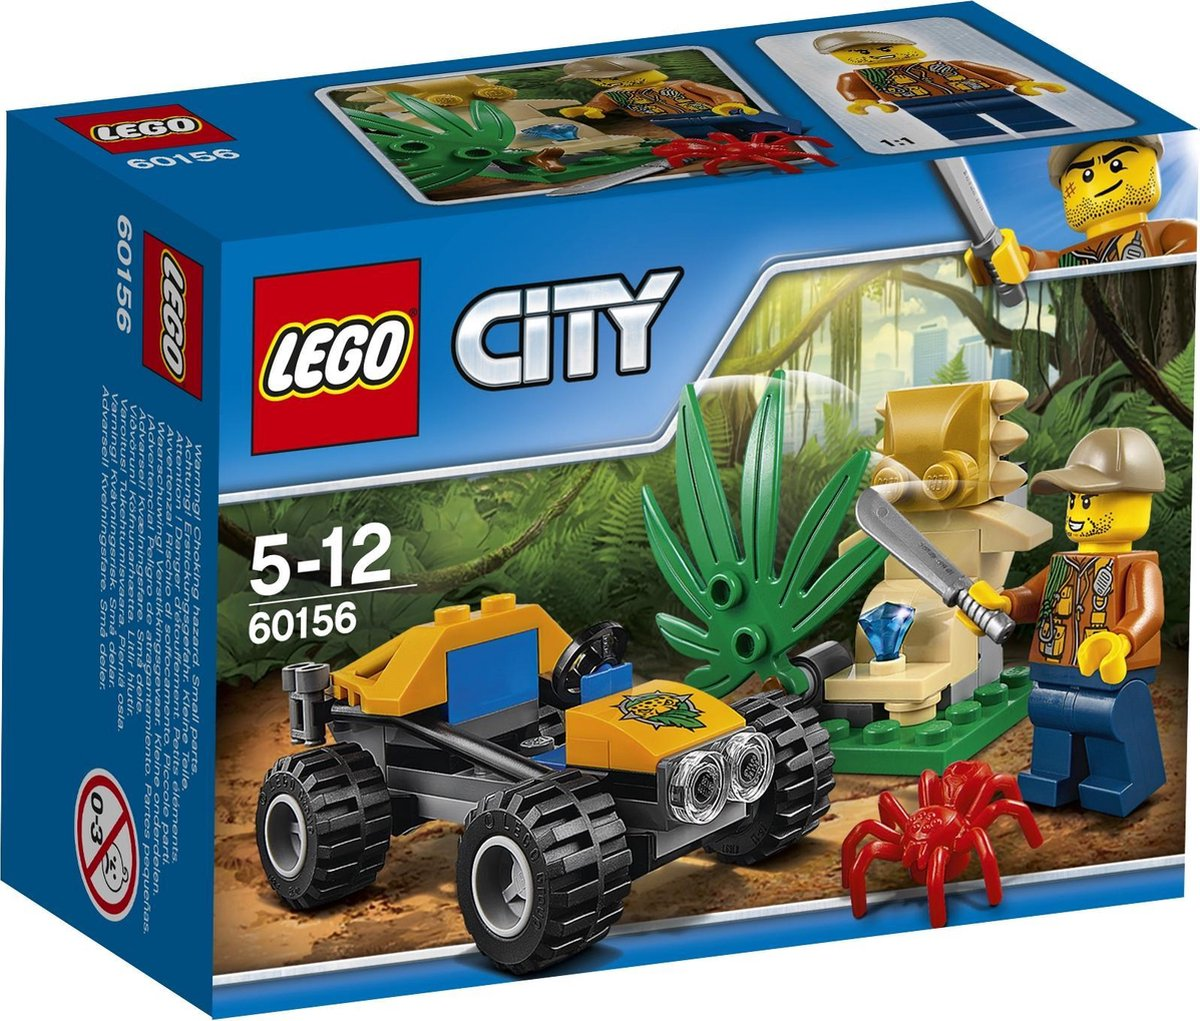 bol.com | LEGO City Jungle Buggy - 60156